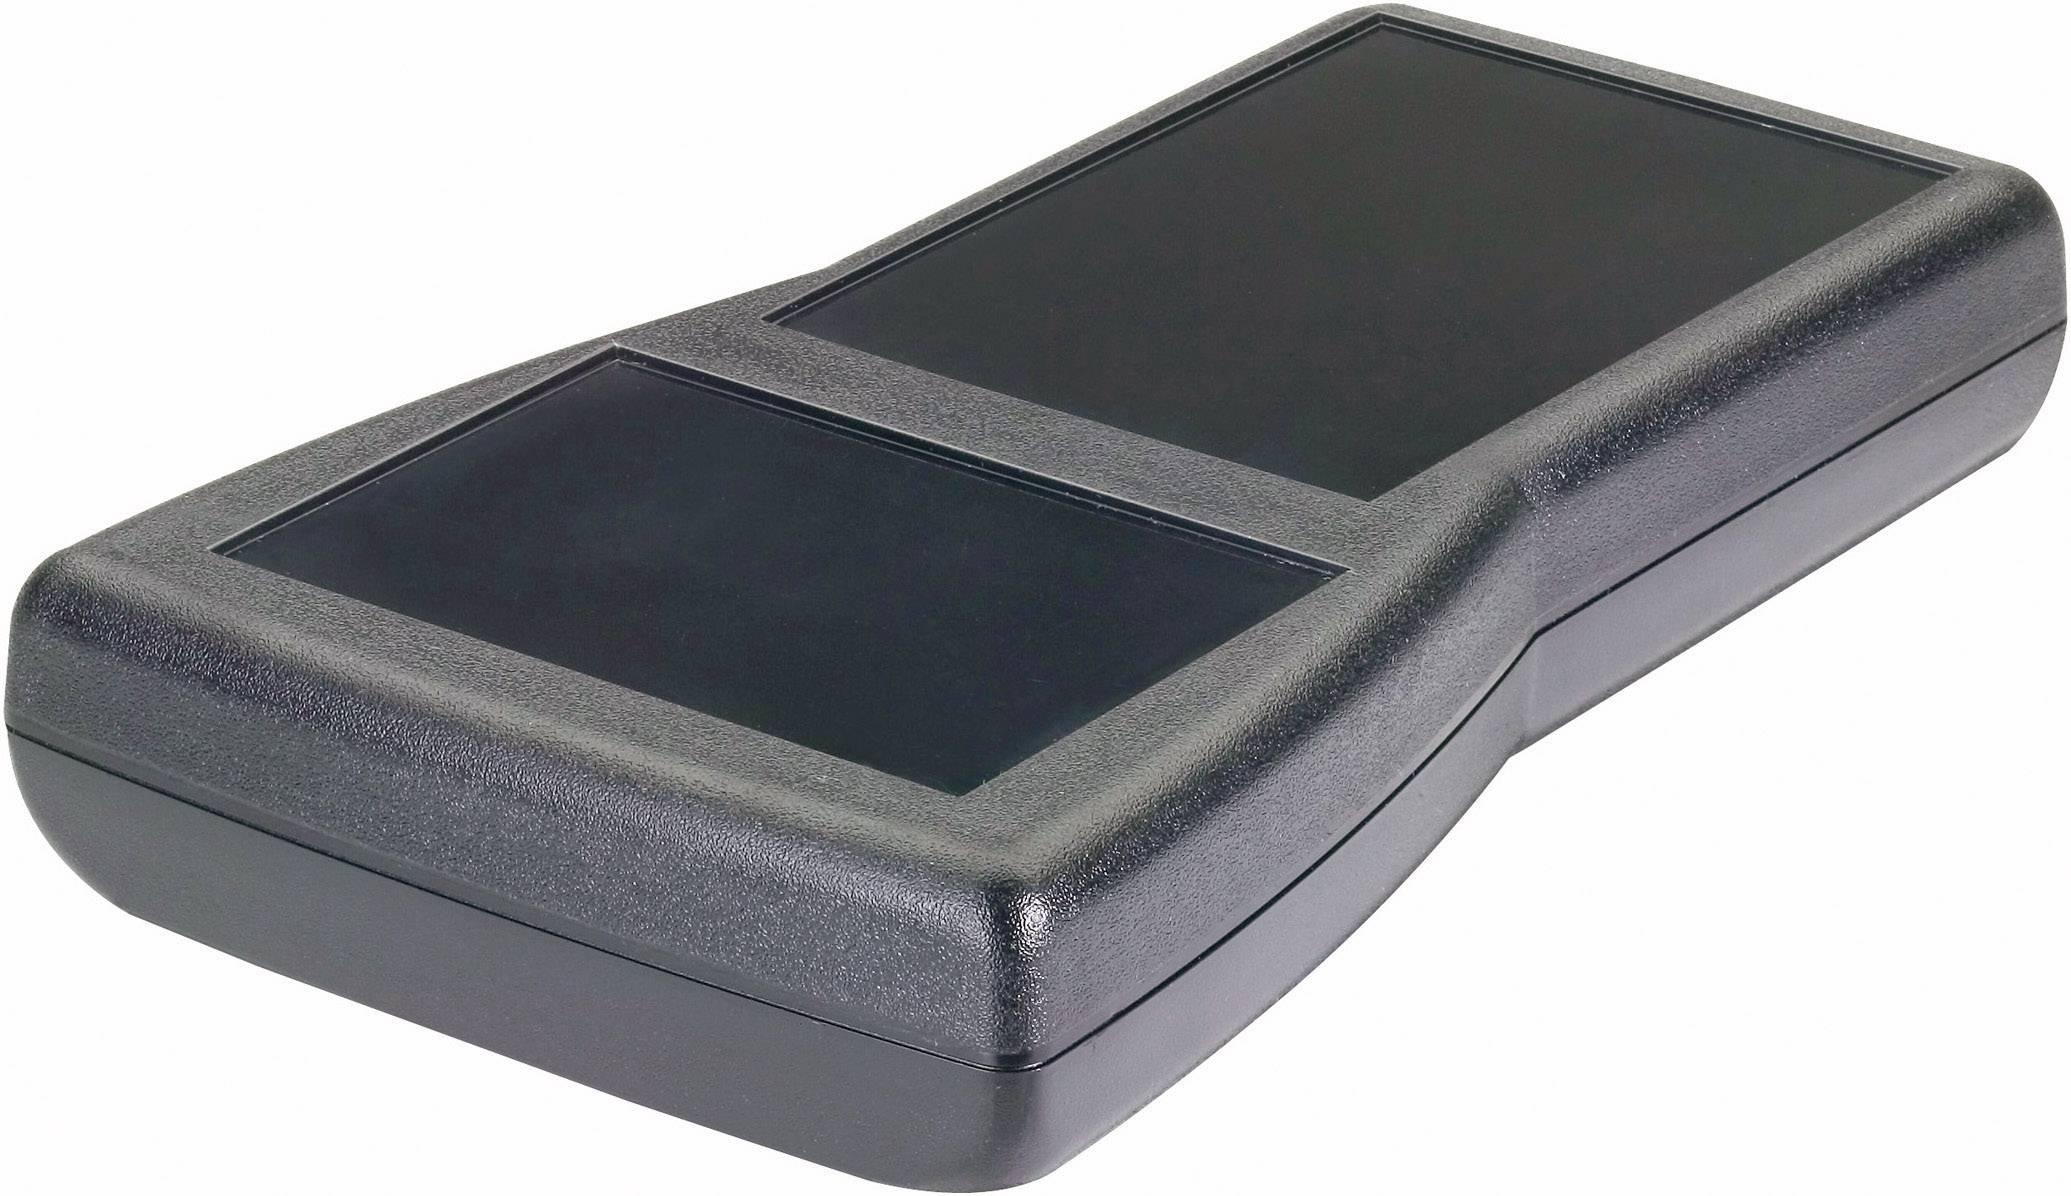 Univerzální pouzdro ABS Pactec TR-9VB/2AA, 196 x 112 mm, černá (TR-9VB/2AA)